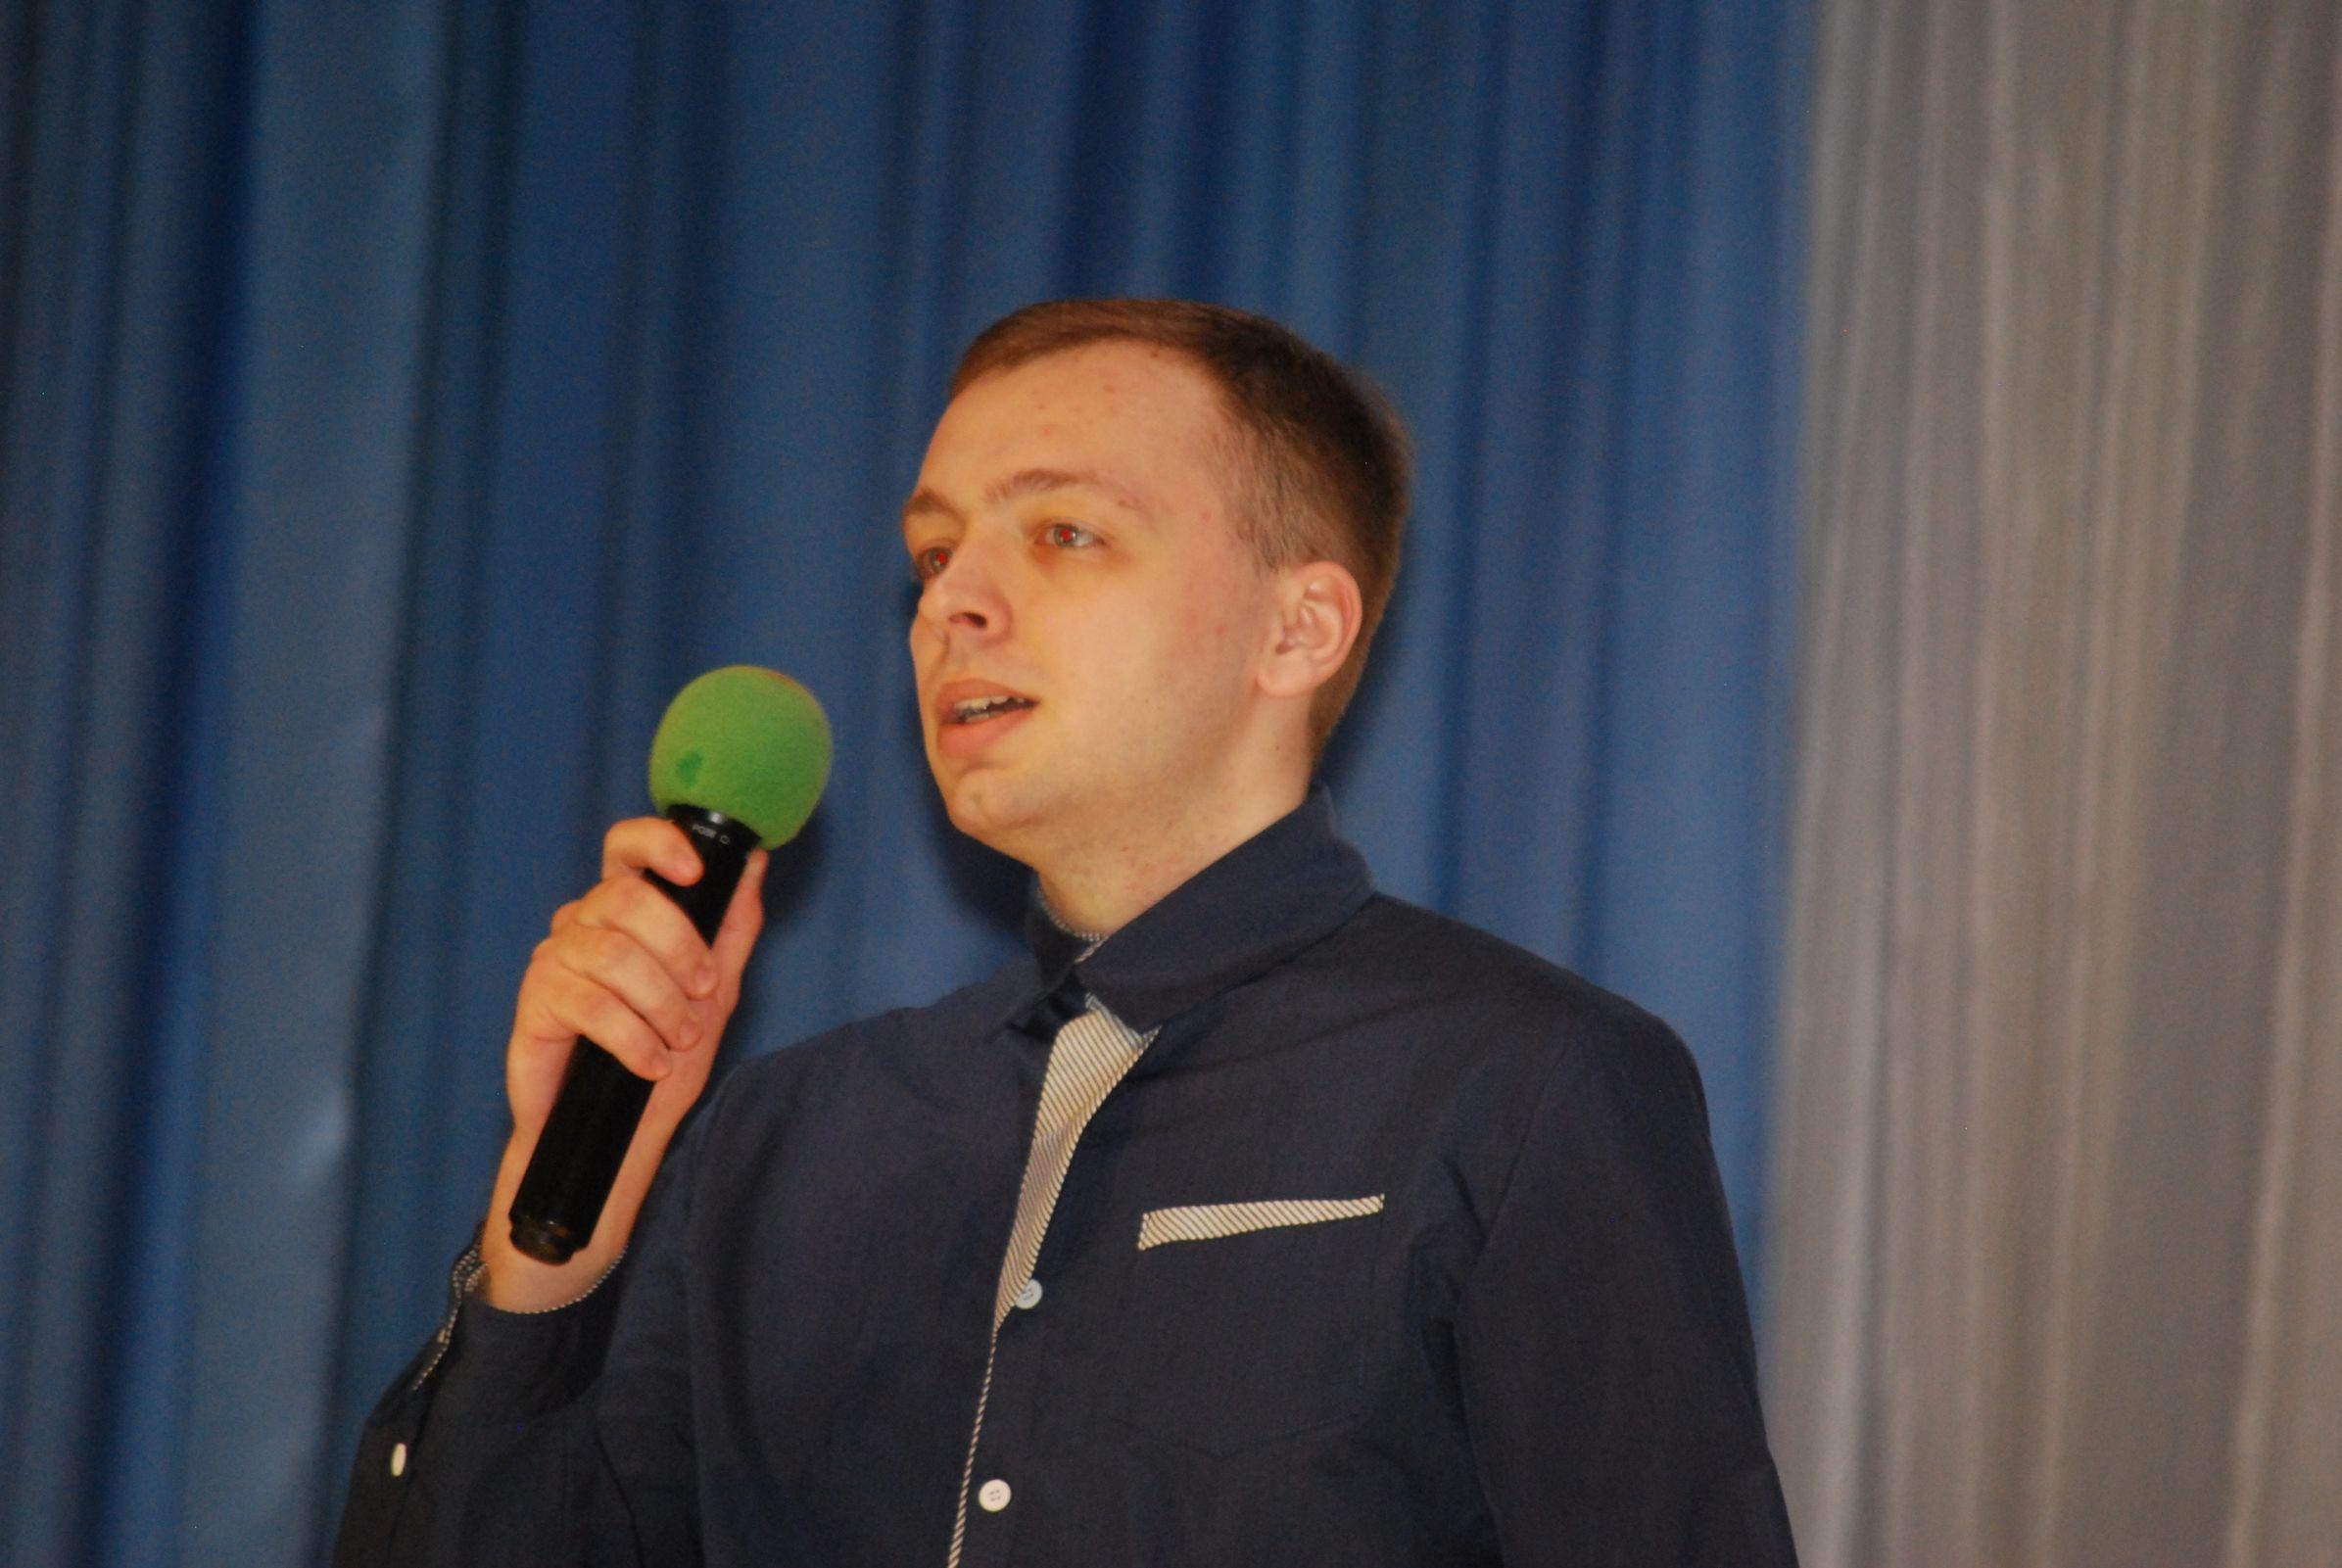 Житель Данилова победил в ярославском конкурсе «Преодоление»